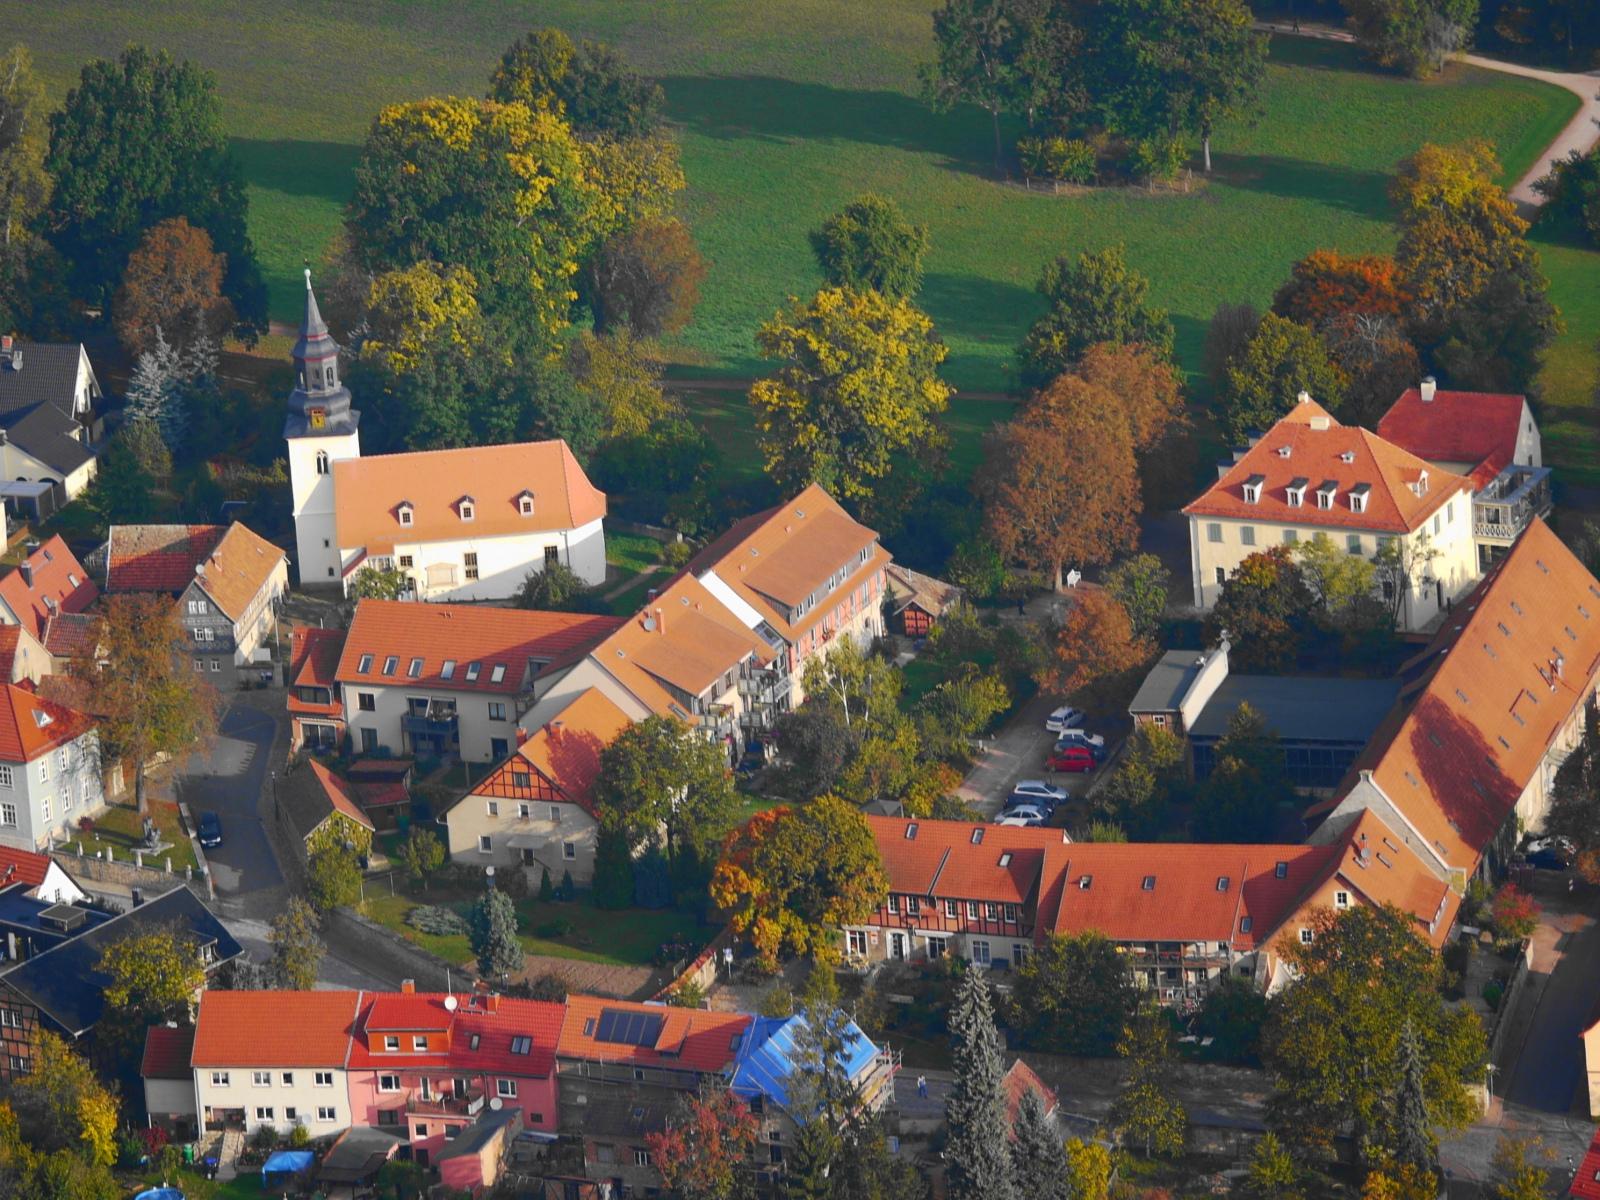 Tiefurt: Schloss mit Kammergut und Kirche